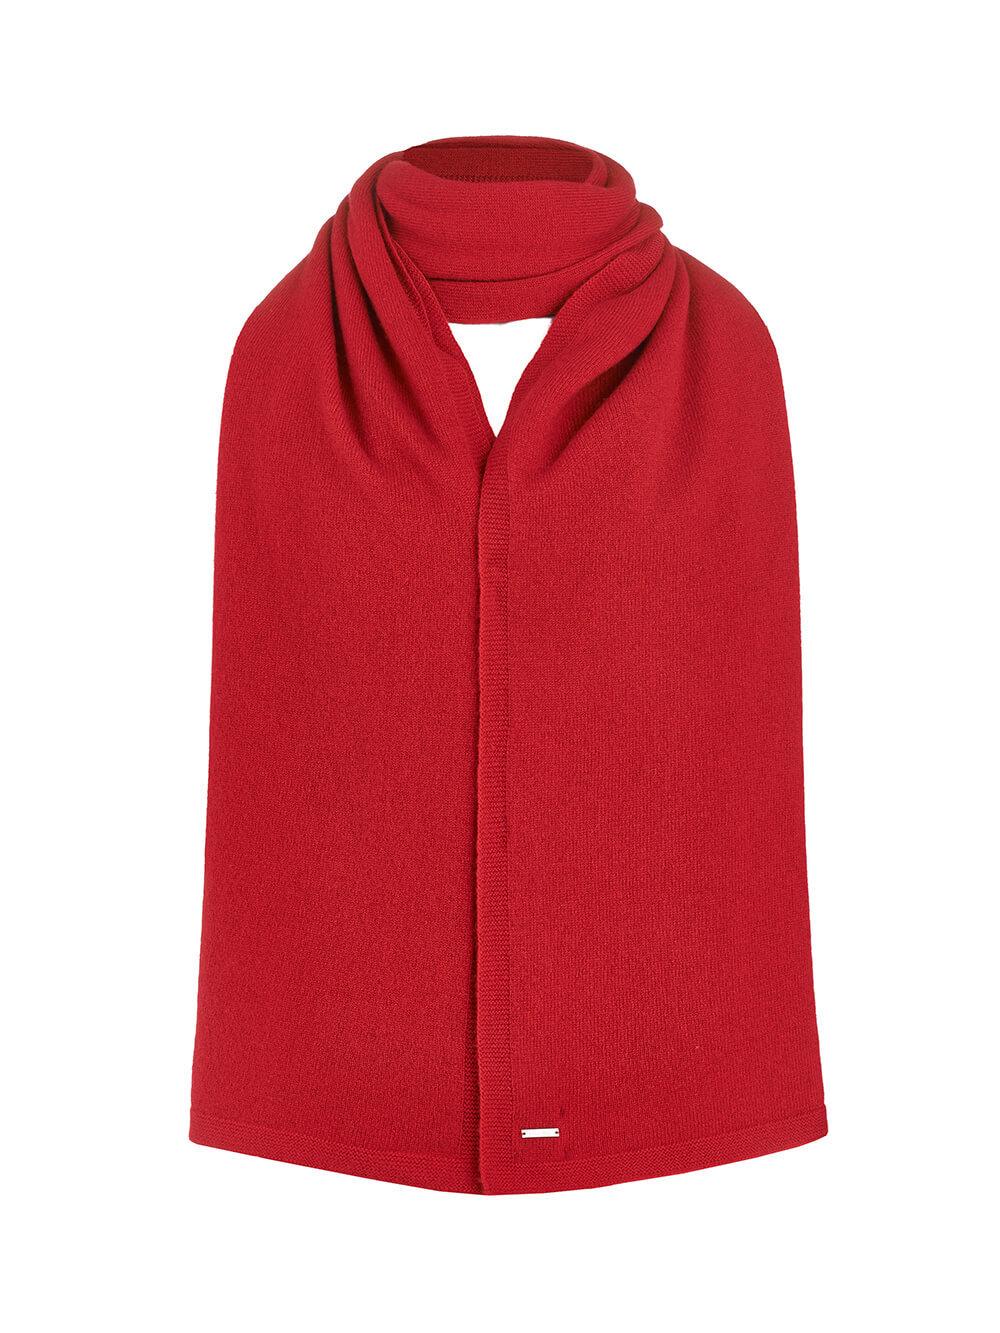 Женский шарф красного цвета из 100% кашемира - фото 1